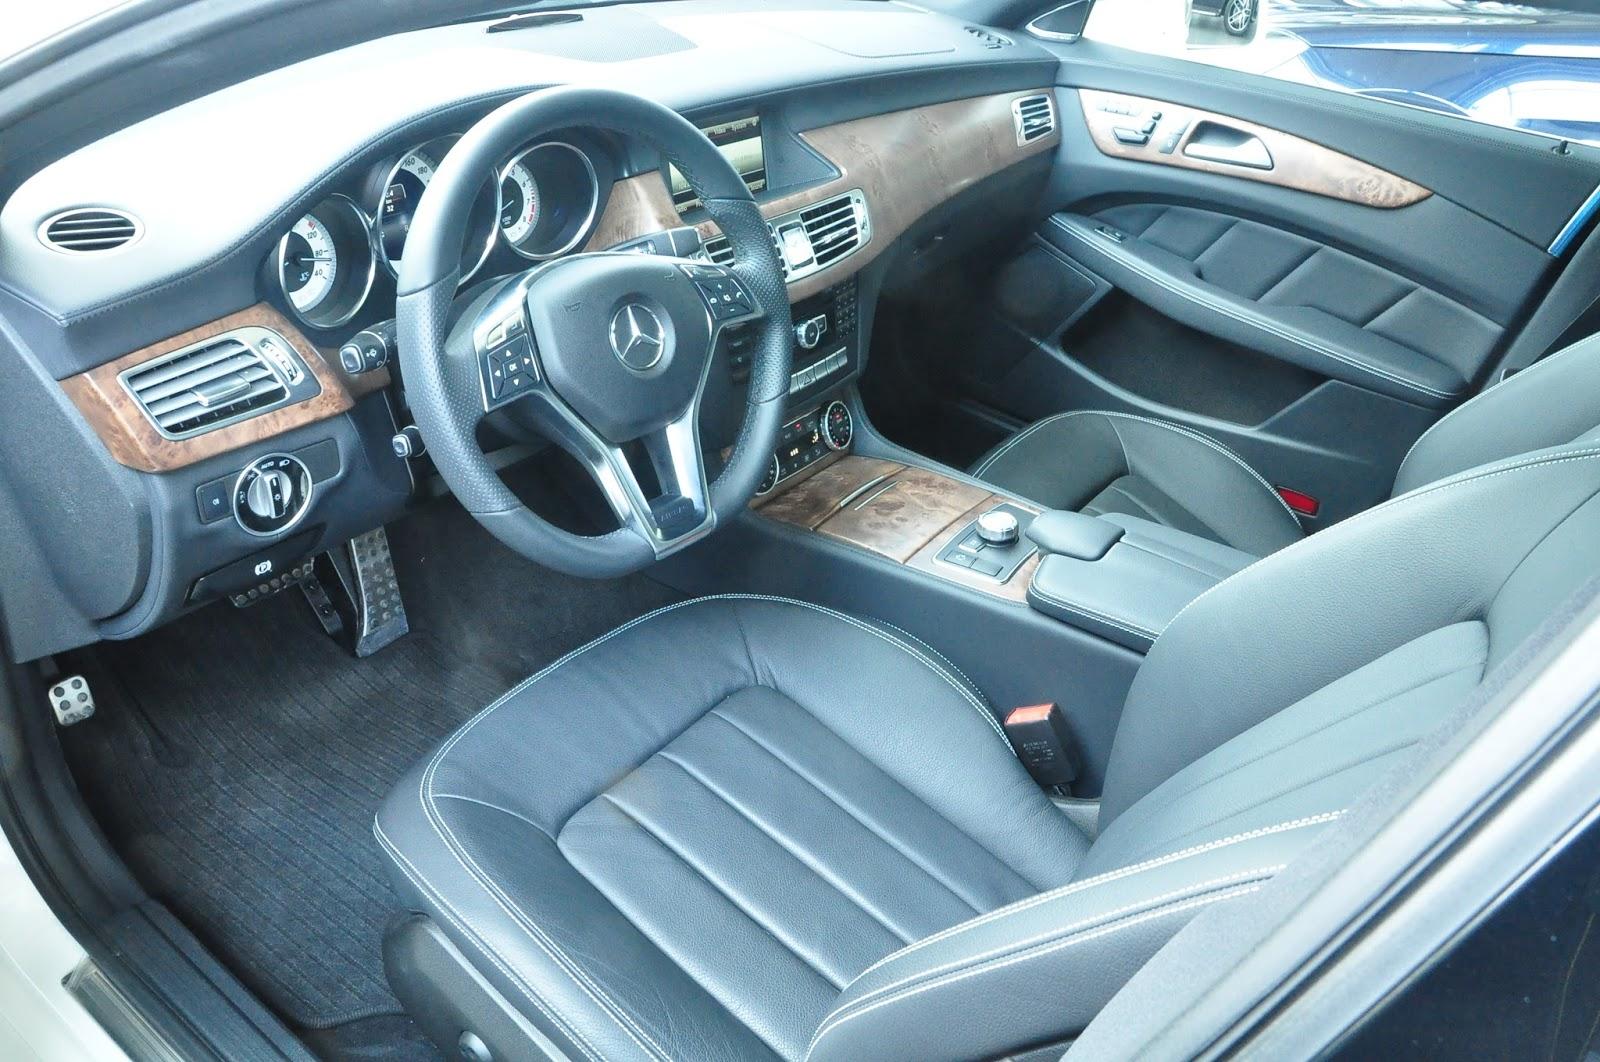 Nội thất xe Mercedes Benz CLS350 New Model màu trắng 02